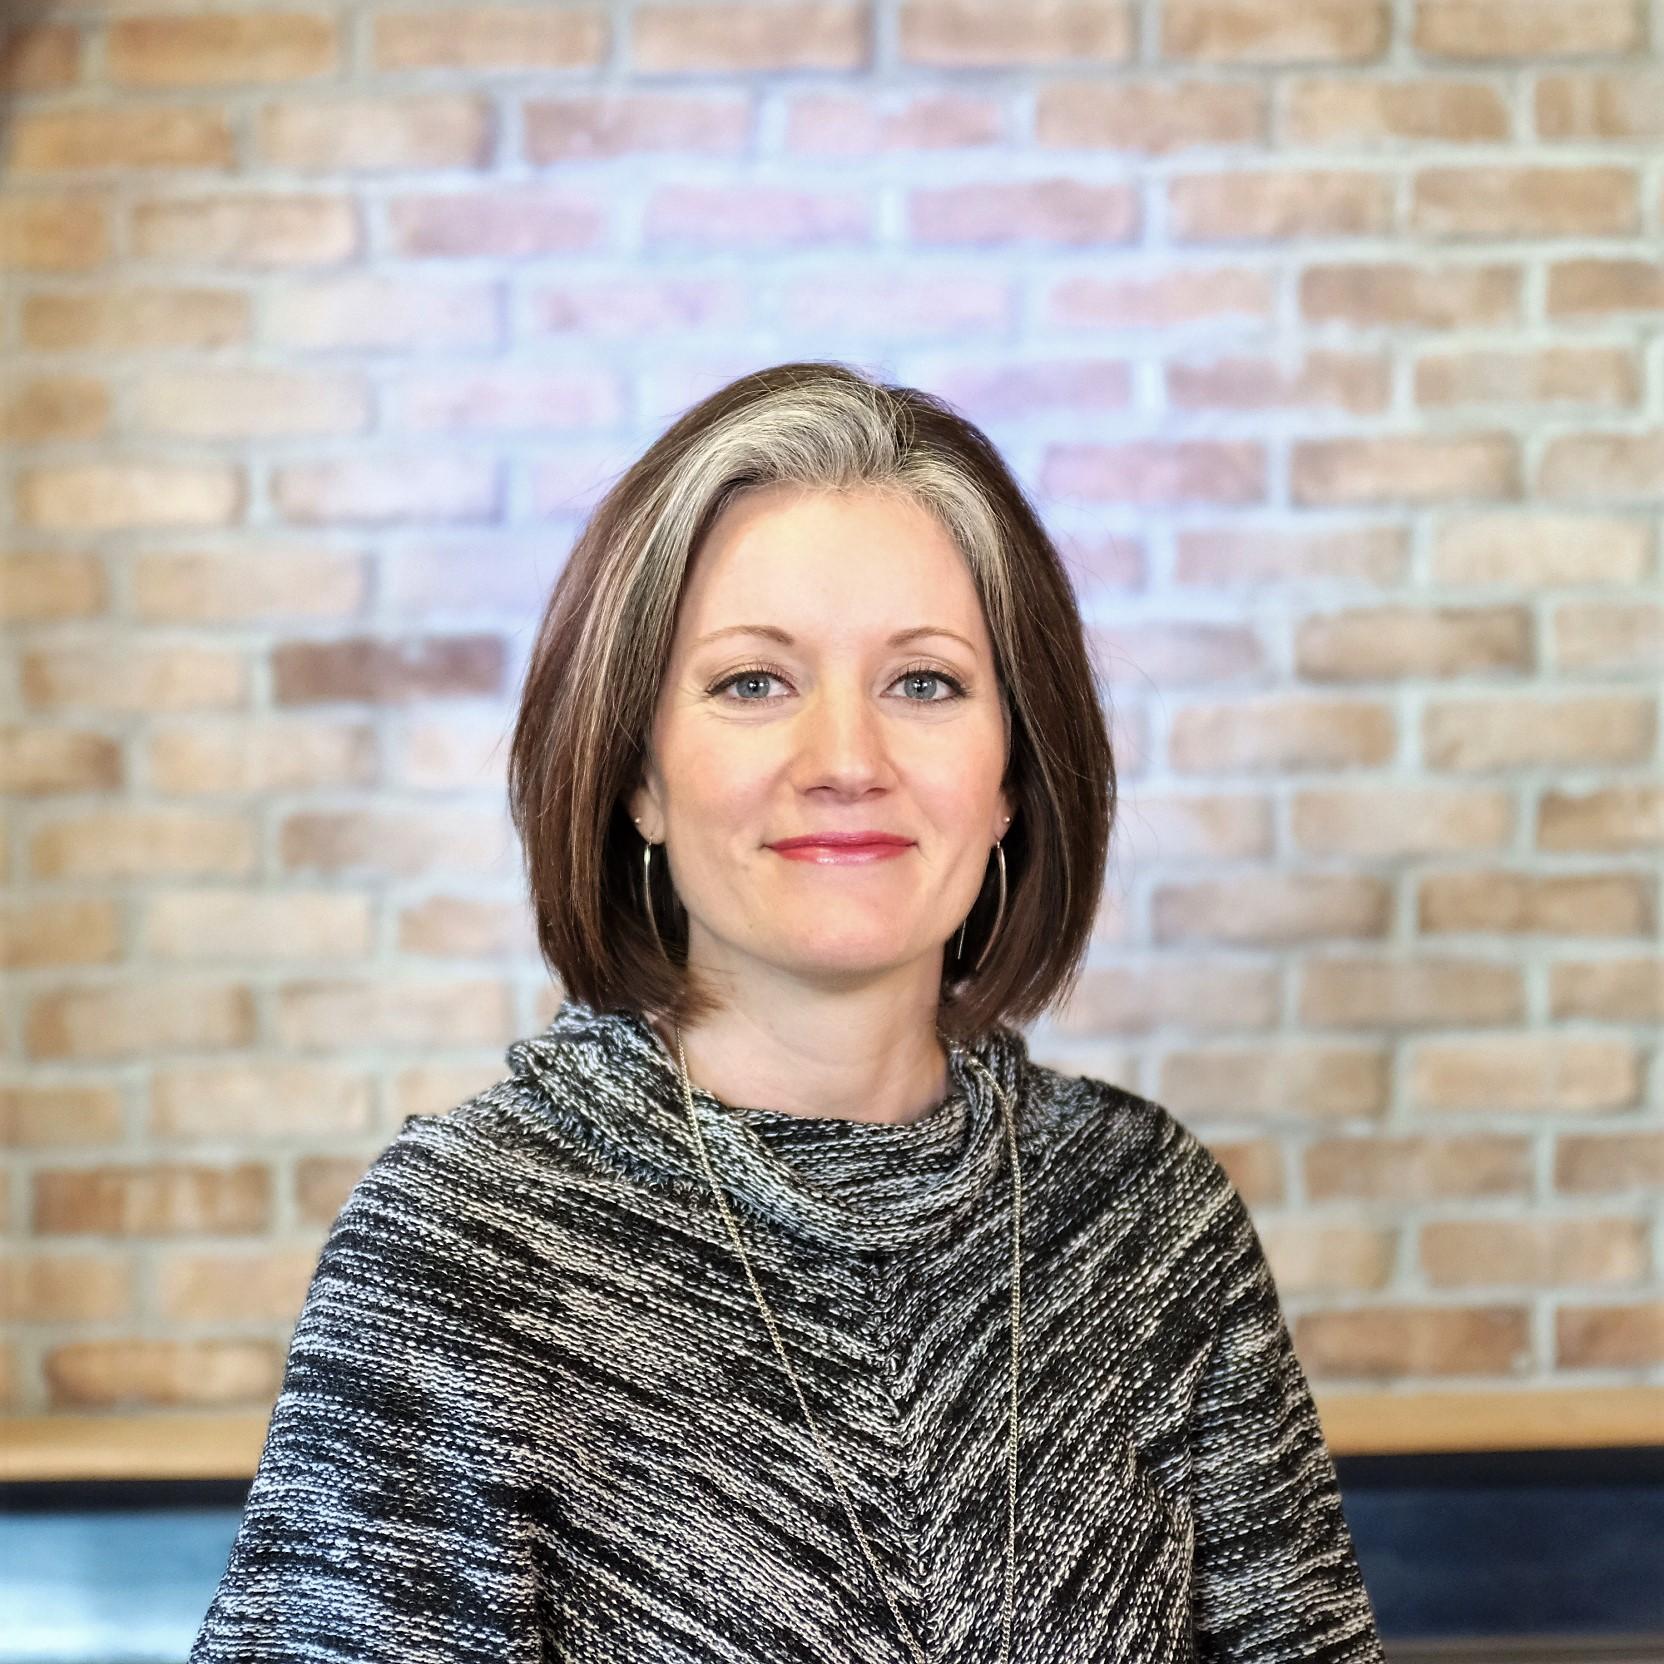 Kathryn Roessner